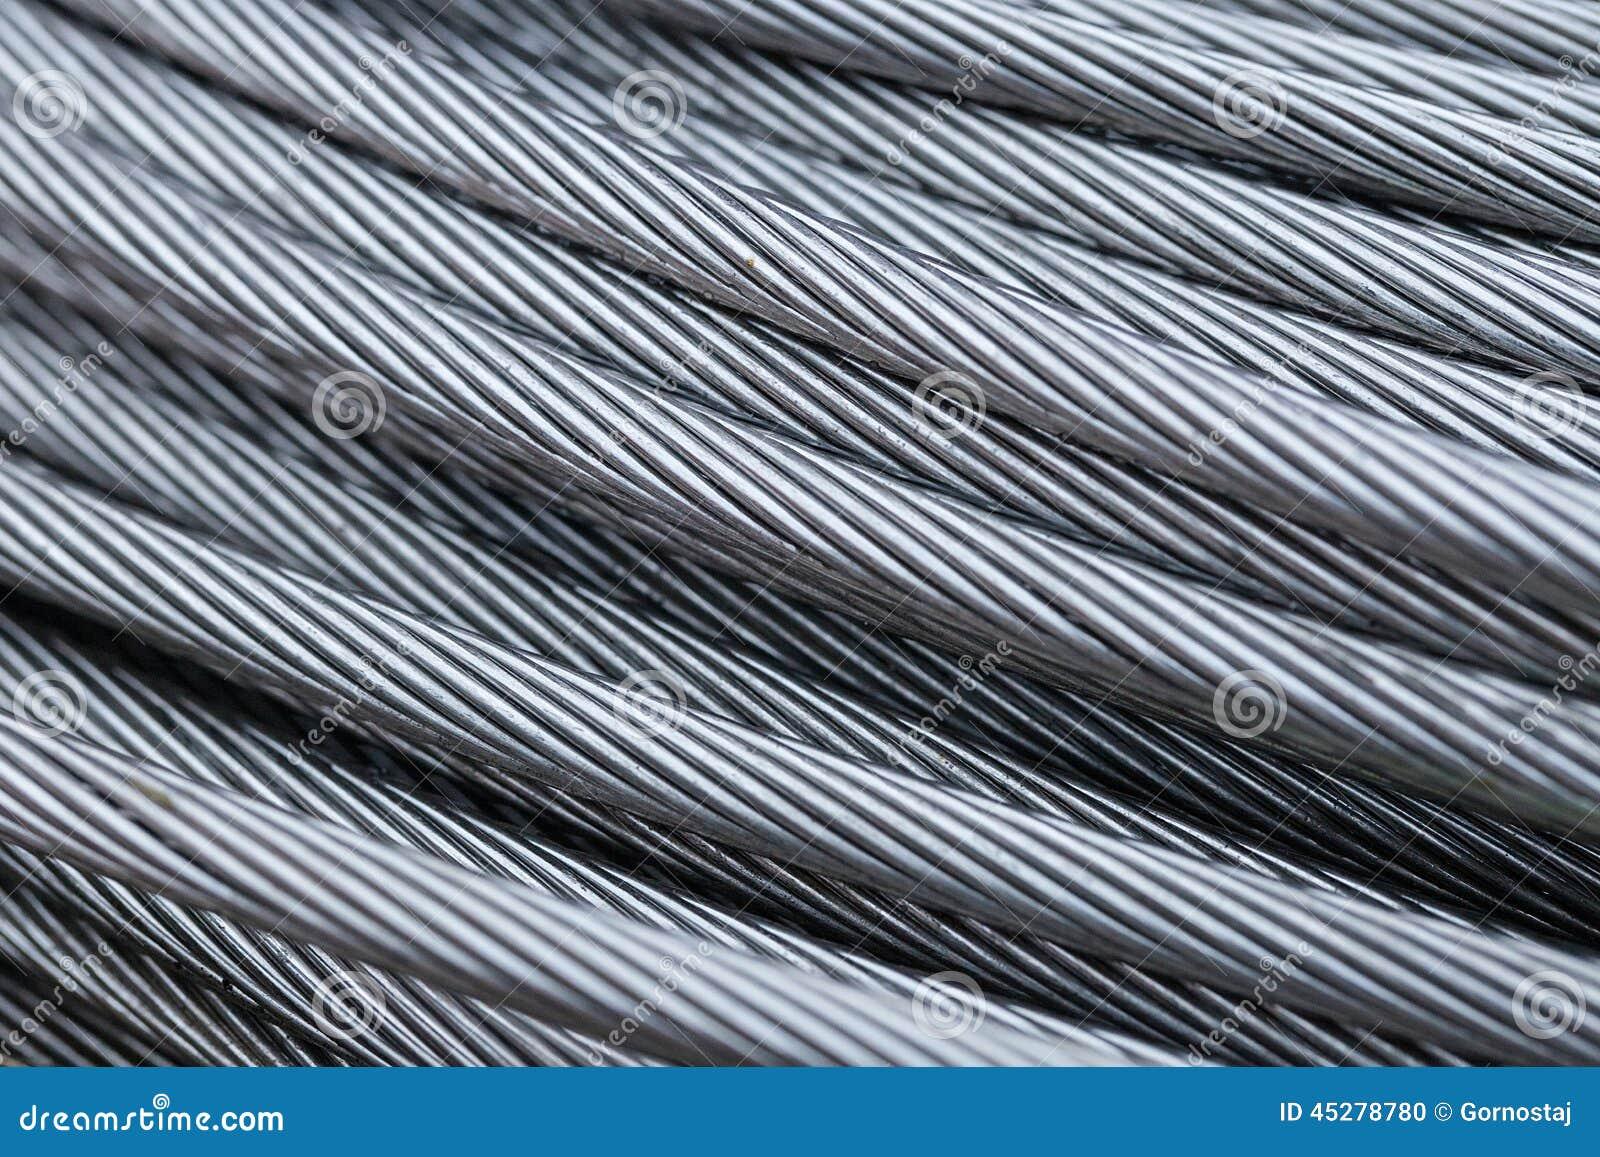 Stahldrahtseil-Kabelnahaufnahme Stockfoto - Bild von abschluß ...